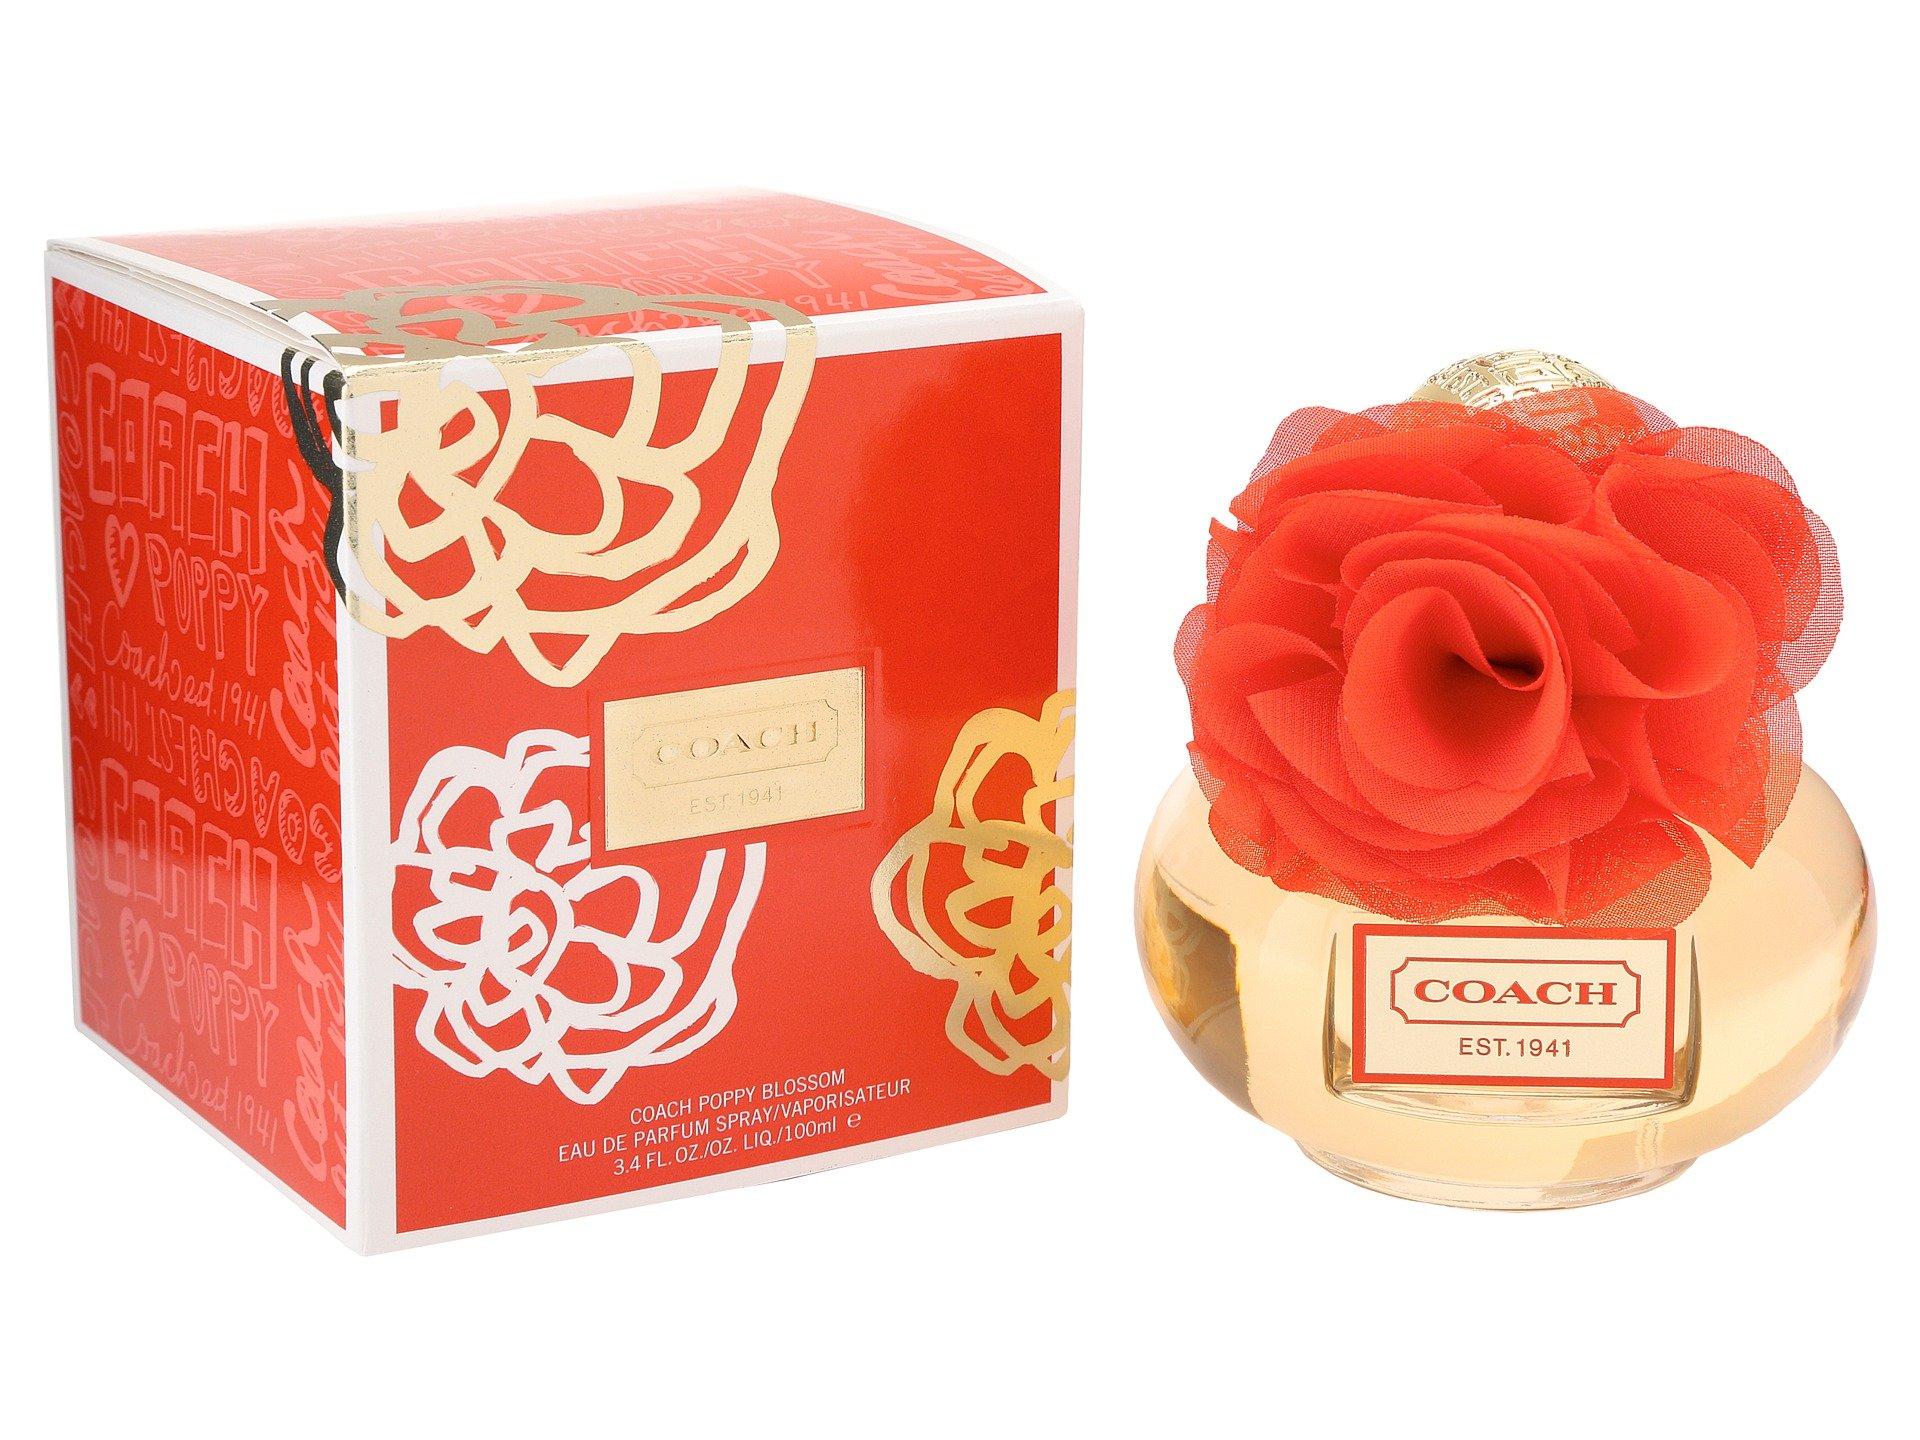 Coach Poppy Blossom Eau de Parfum Spray for Women, 3.4 Ounce